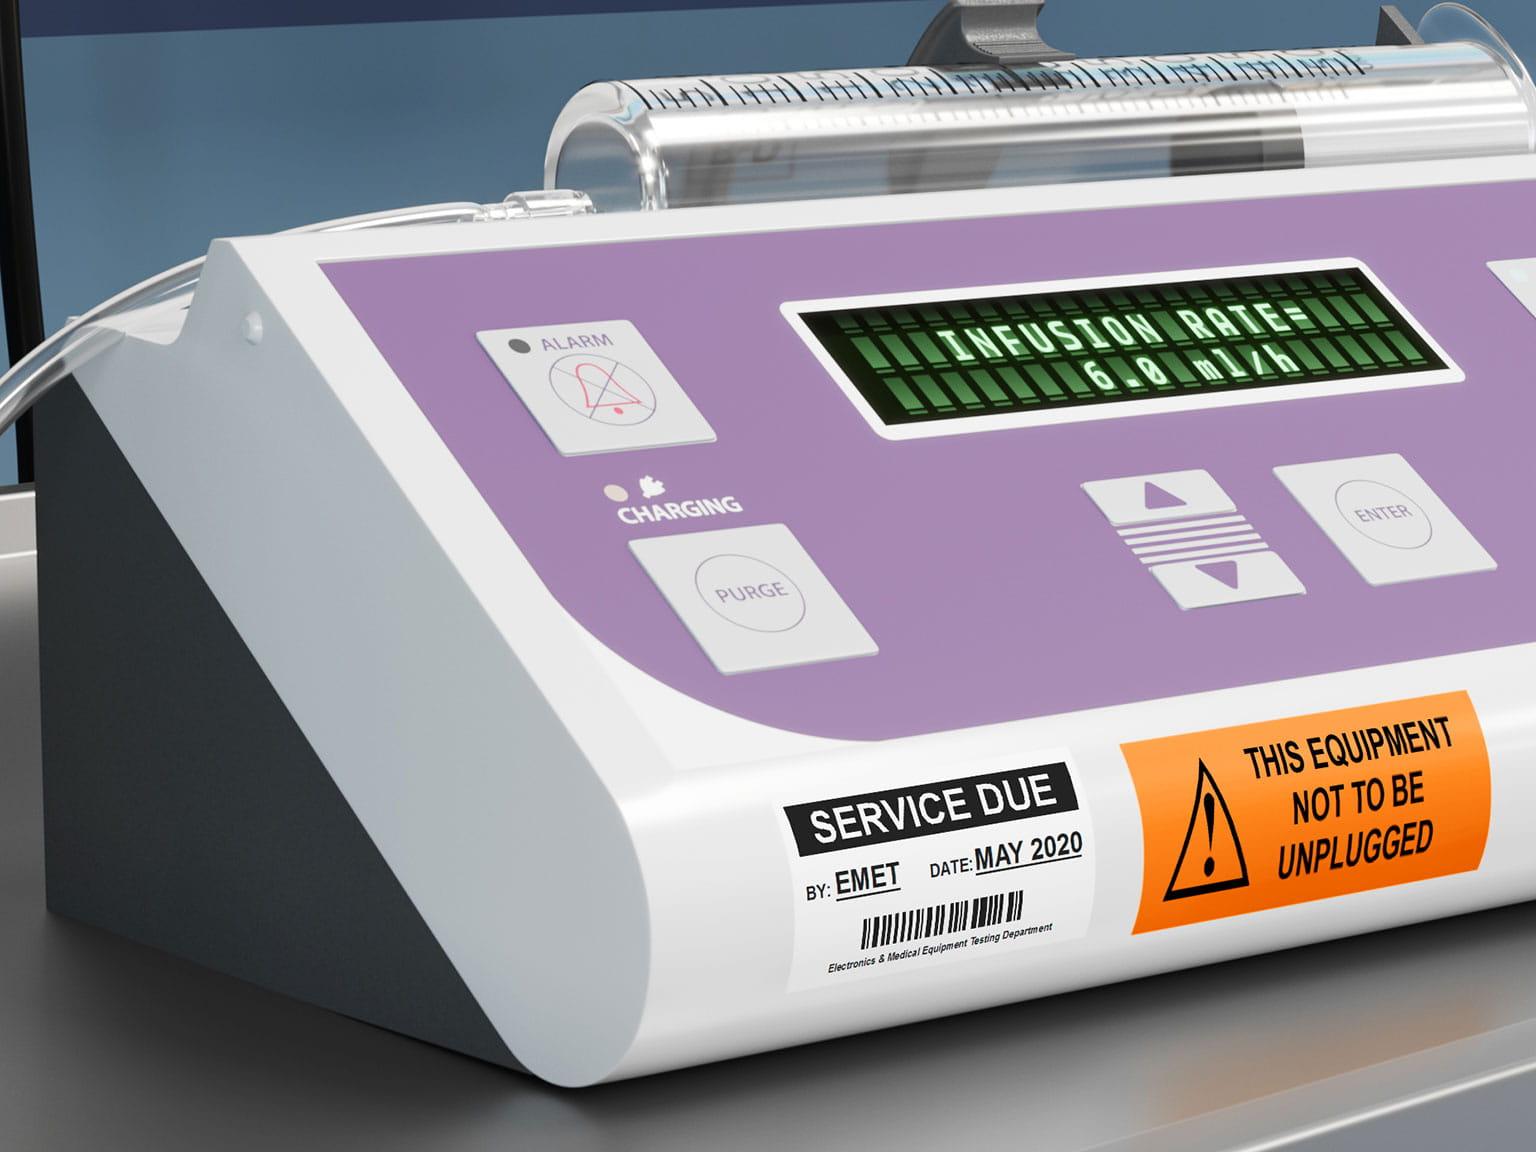 Informații de service pe etichetă laminată Brother P-touch TZe pe echipament din spital